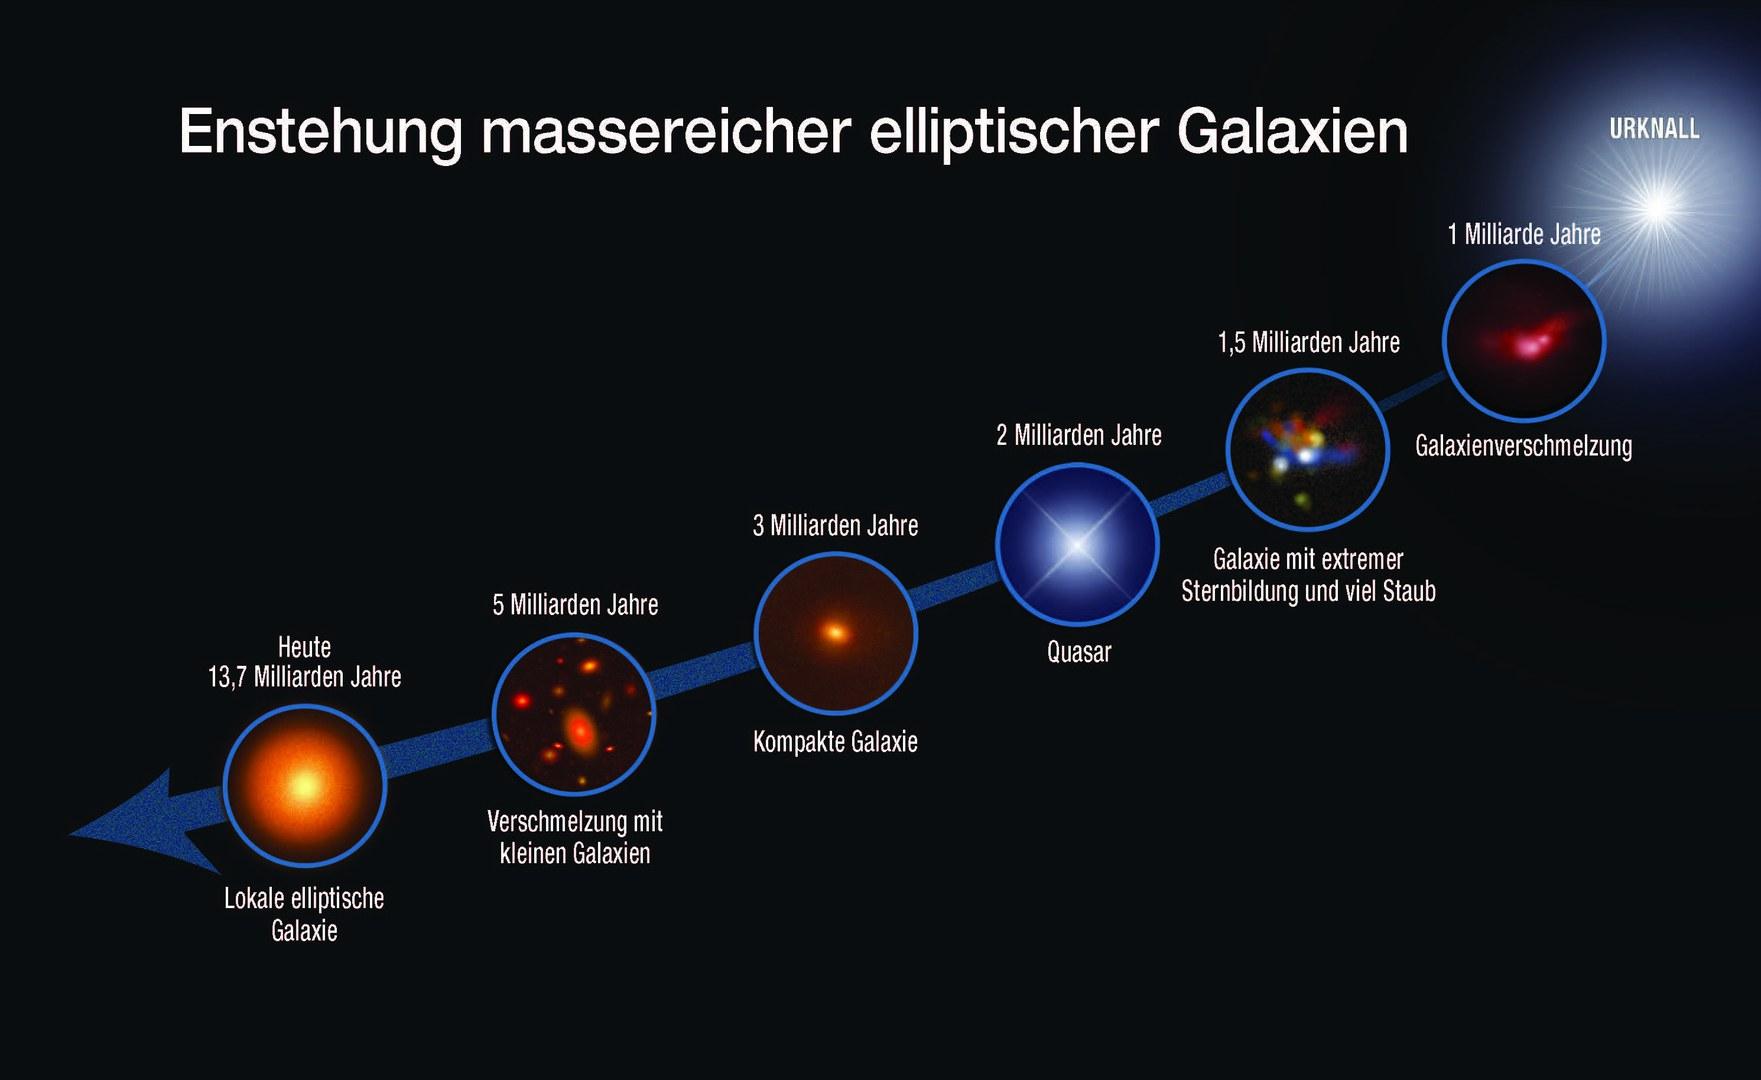 Die Grafik zeigt die evolutionäre Sequenz